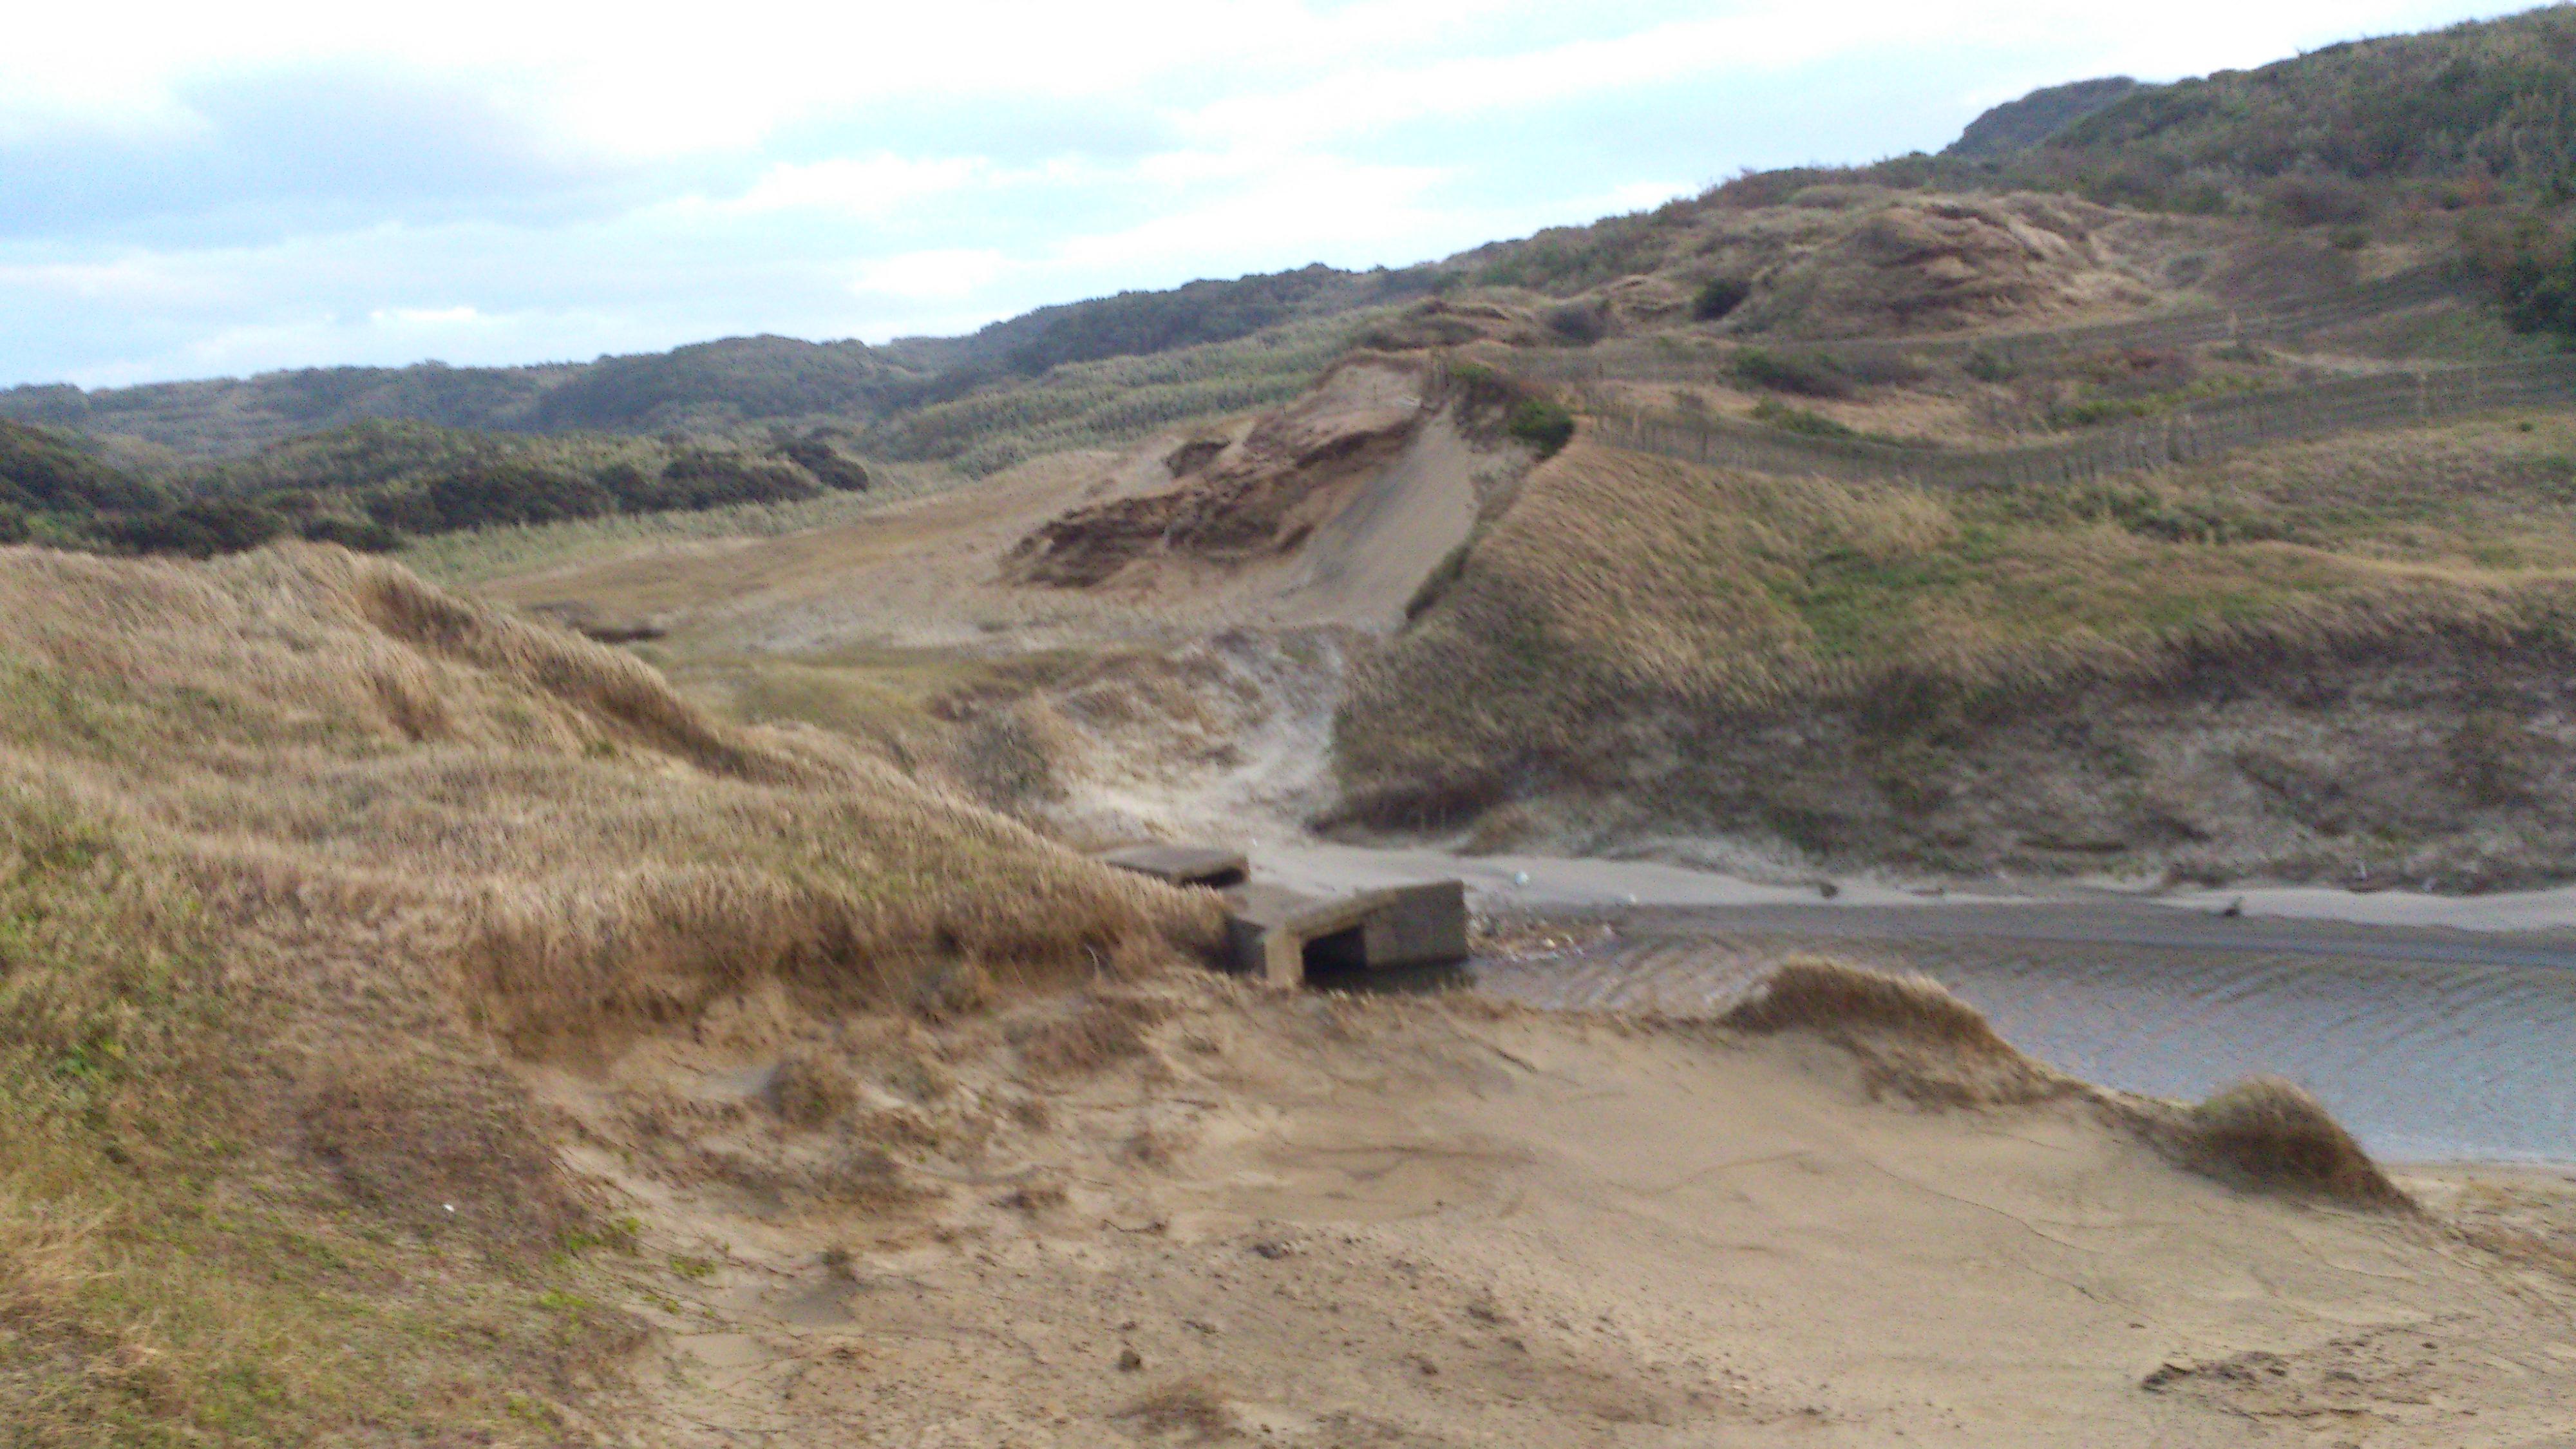 2012年12月。僕は種子島を一人で旅した:海に近づくにつれ「砂漠」のような地形になってる